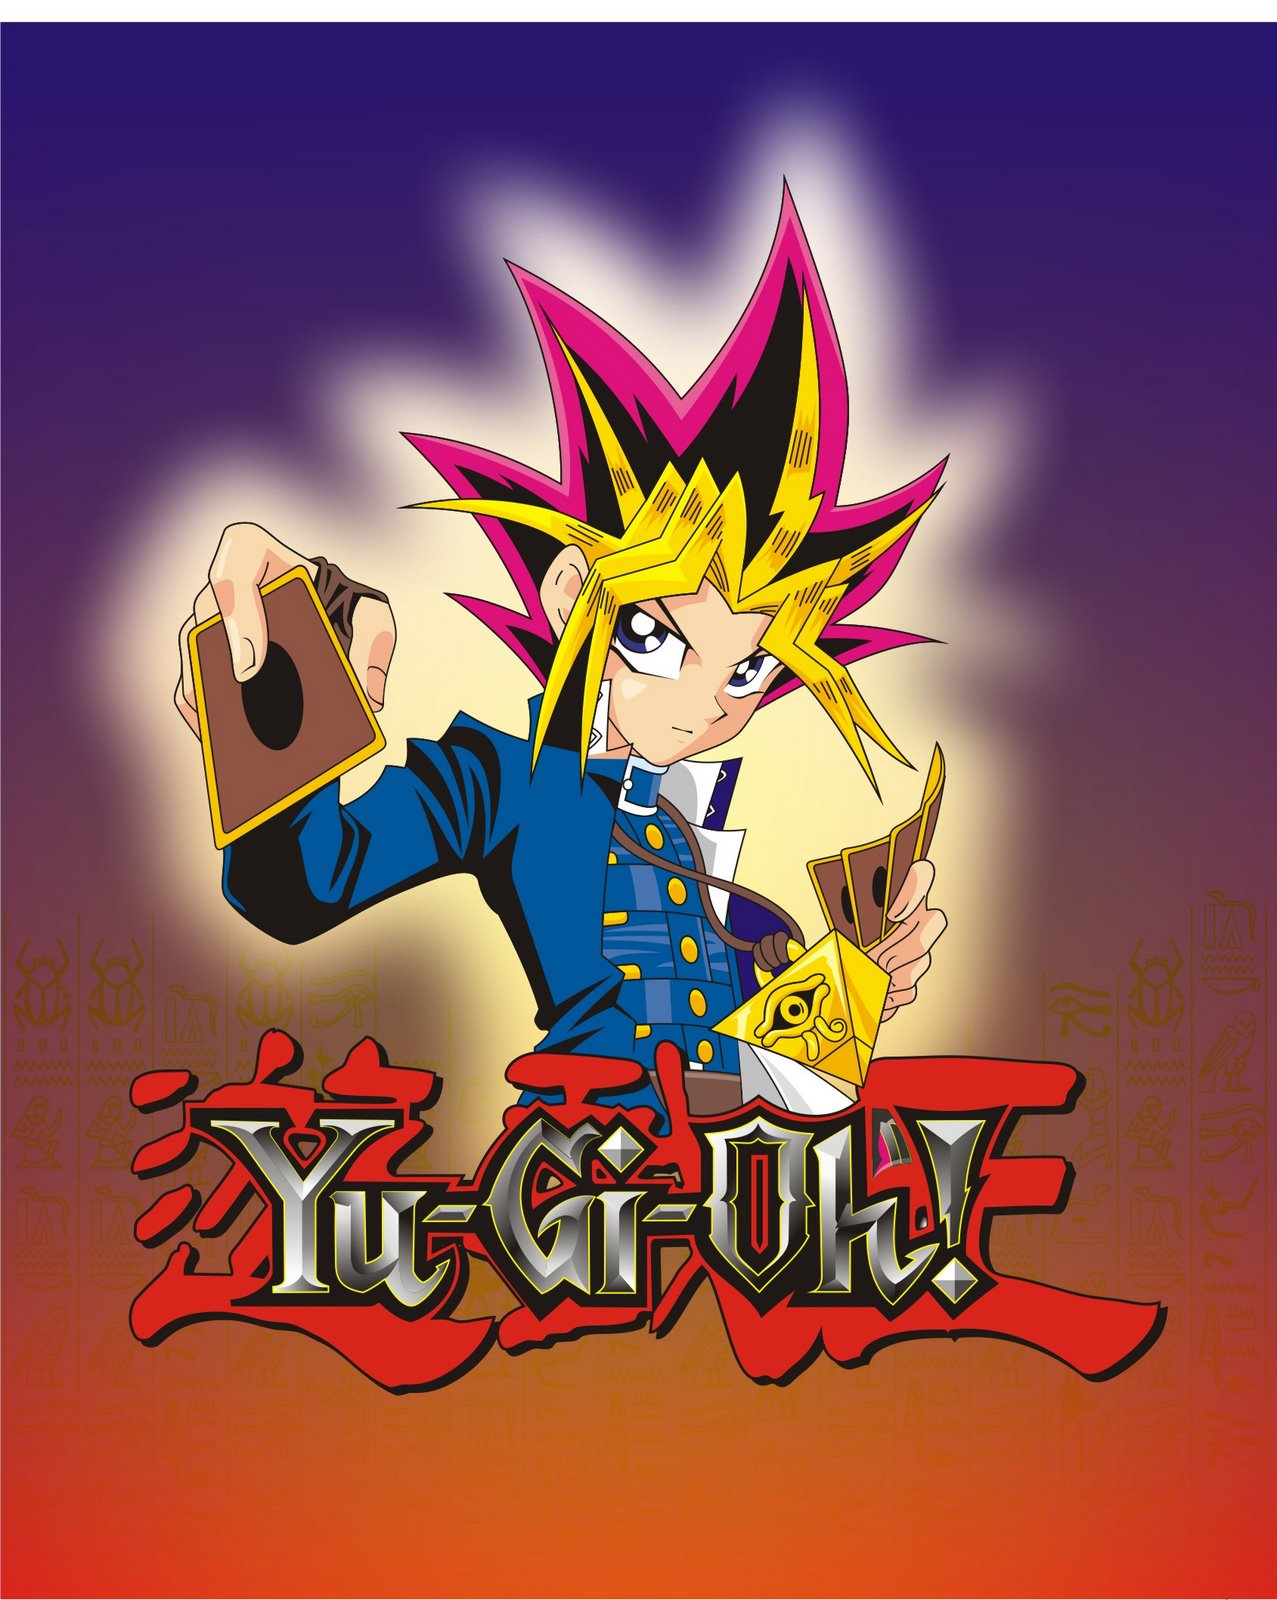 Yu-Gi-Oh! Sagas ( 遊☆戯☆王 ) YU-GI-OH3